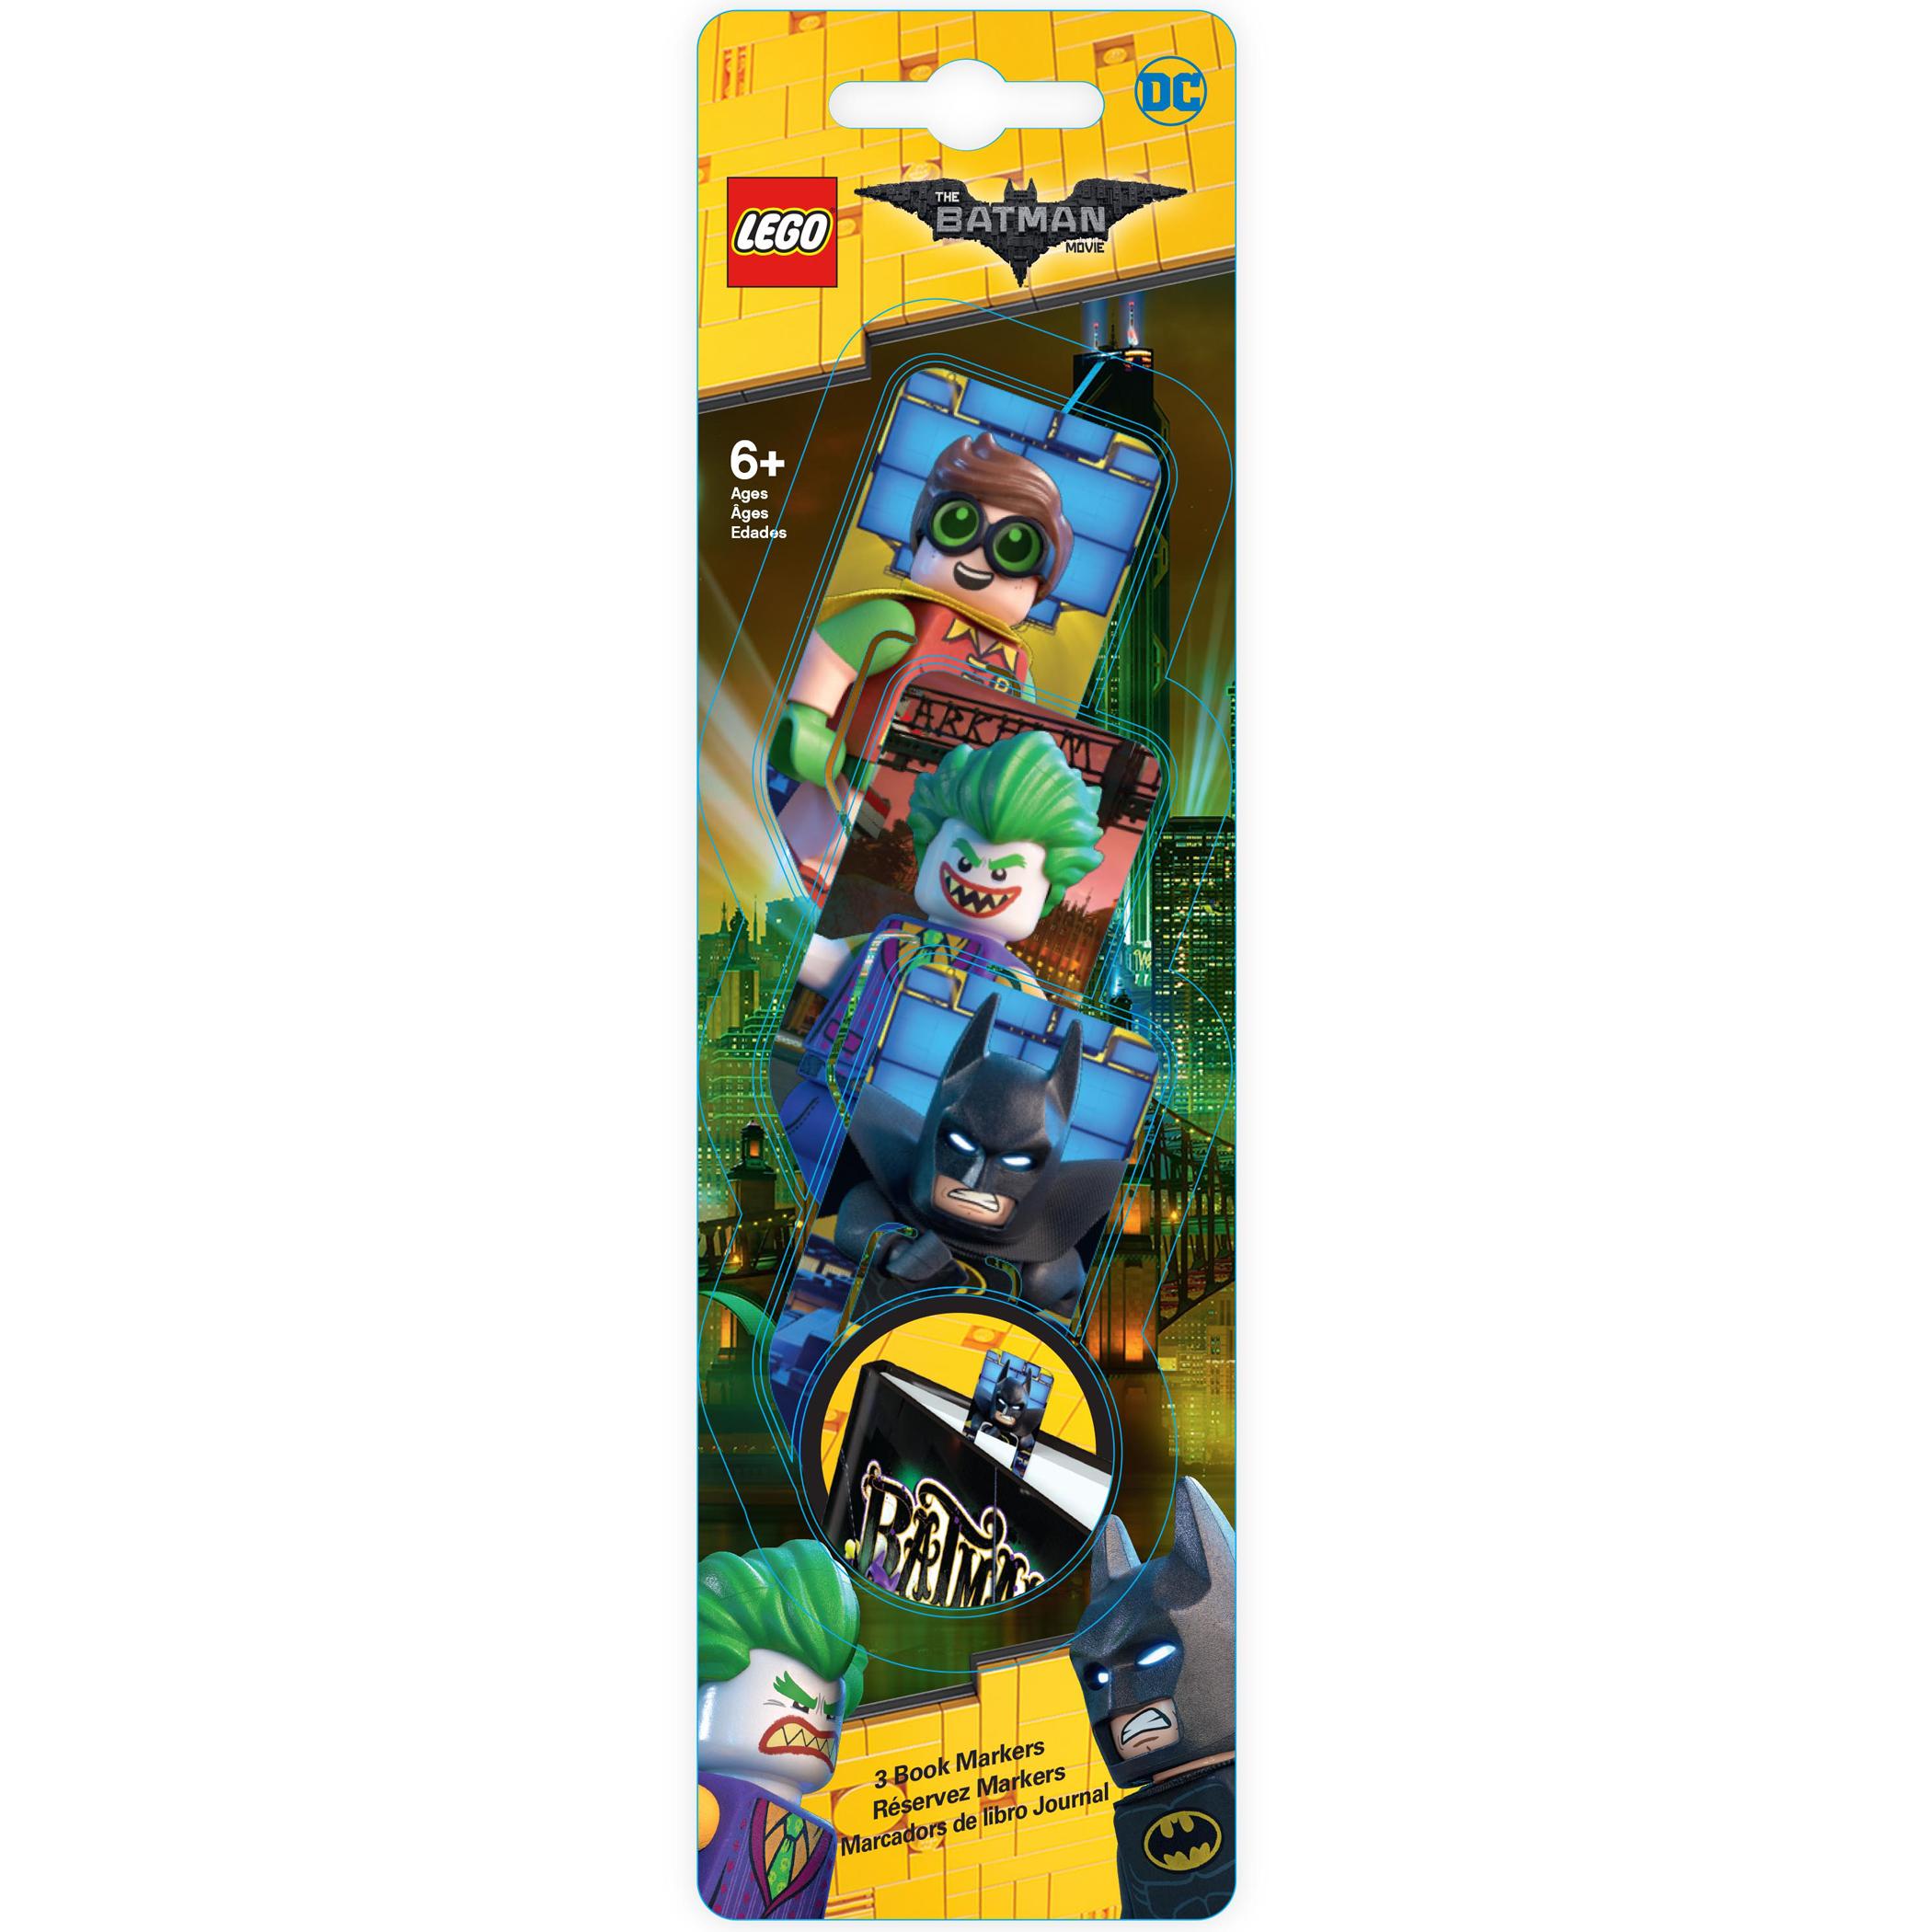 лучшая цена Набор закладок для книг (3 шт.) с лентикулярным изображением в формате 3D LEGO Batman Movie (Лего Фильм: Бэтмен)-Batman/ The Joker /Robin (51762)